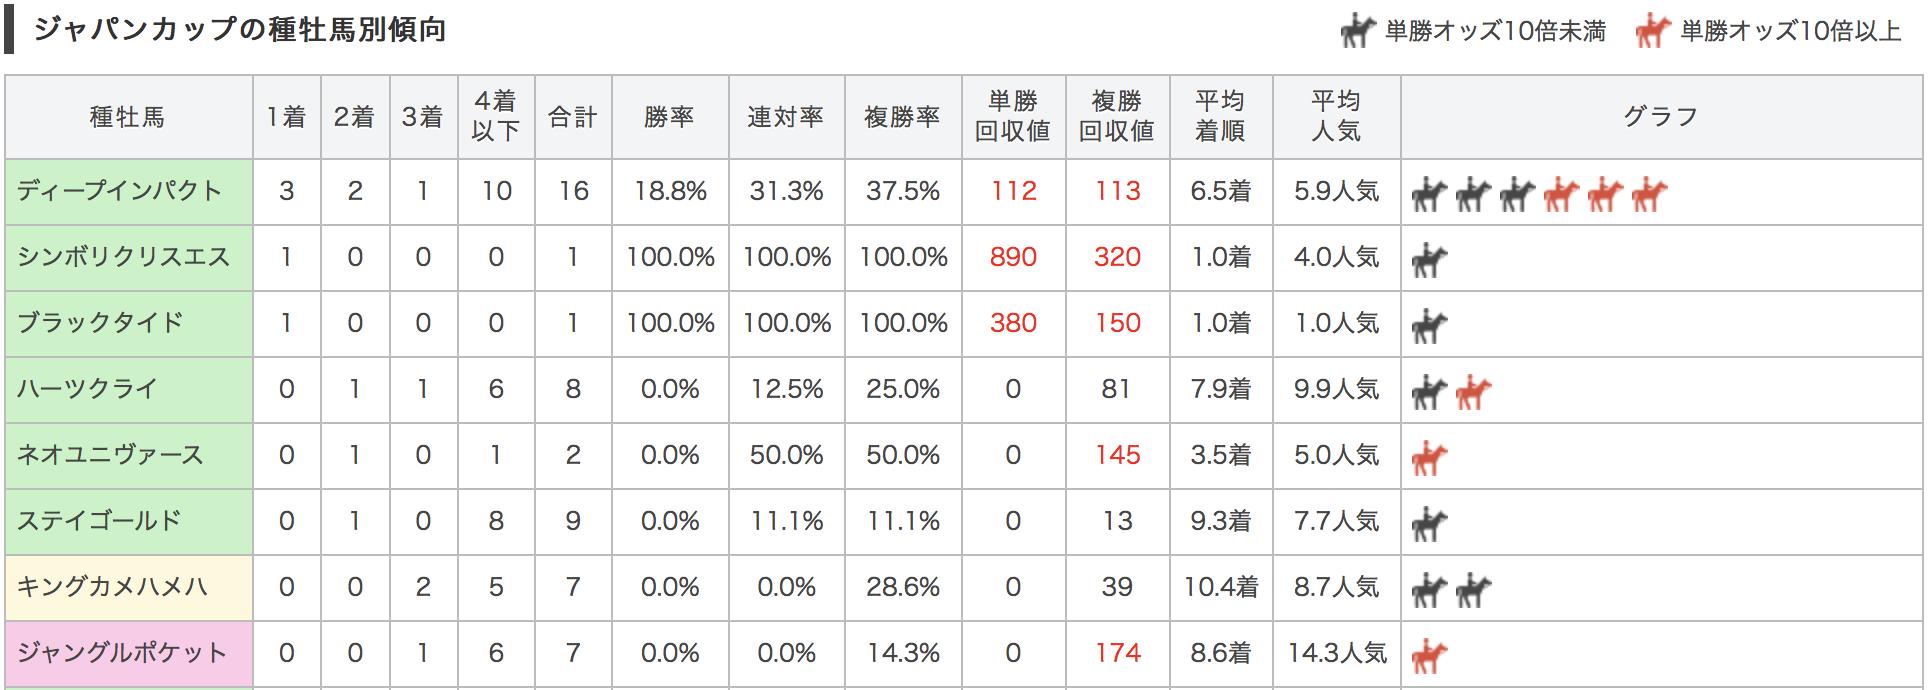 ジャパンカップ2017種牡馬別データ